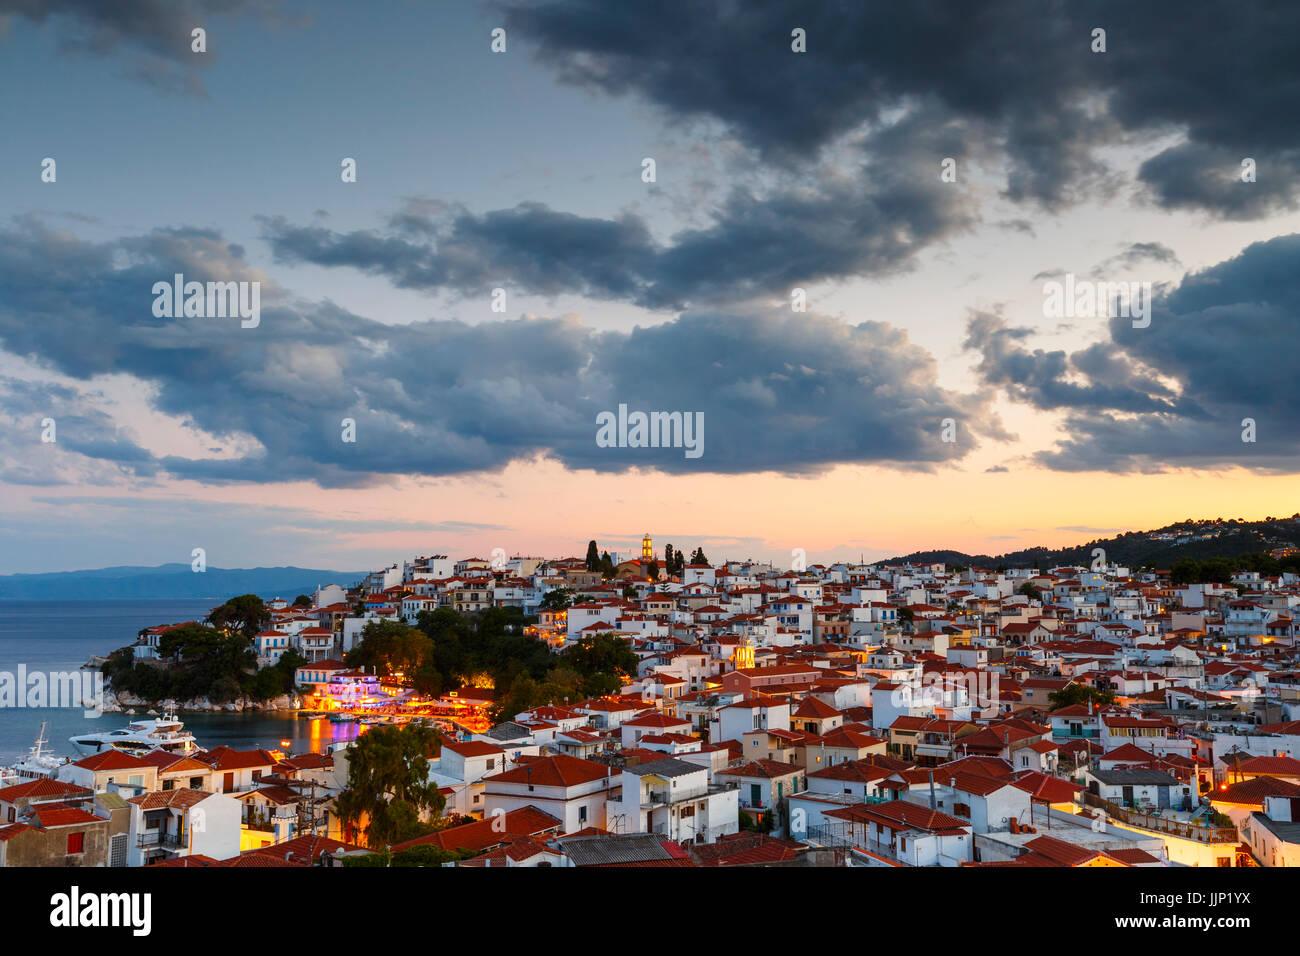 Vista serale di Skiathos e il suo porto, Grecia. Immagini Stock